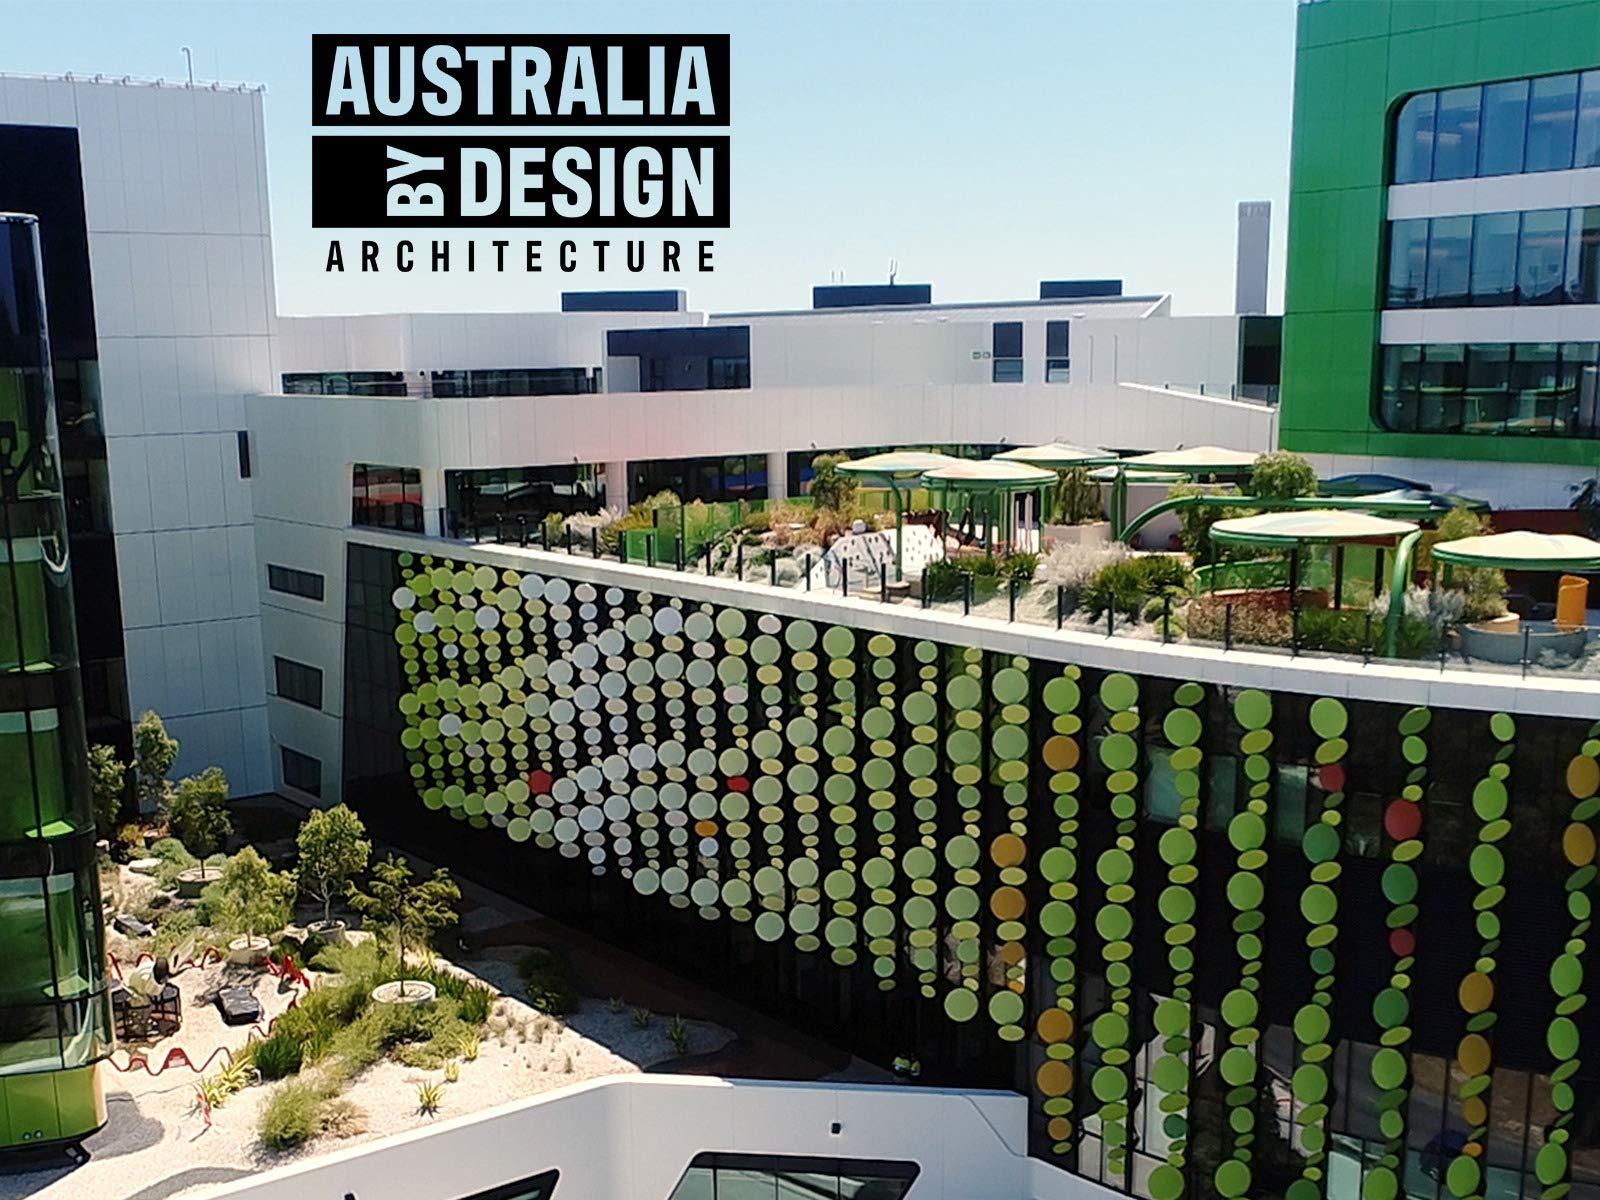 Australia By Design: Architecture